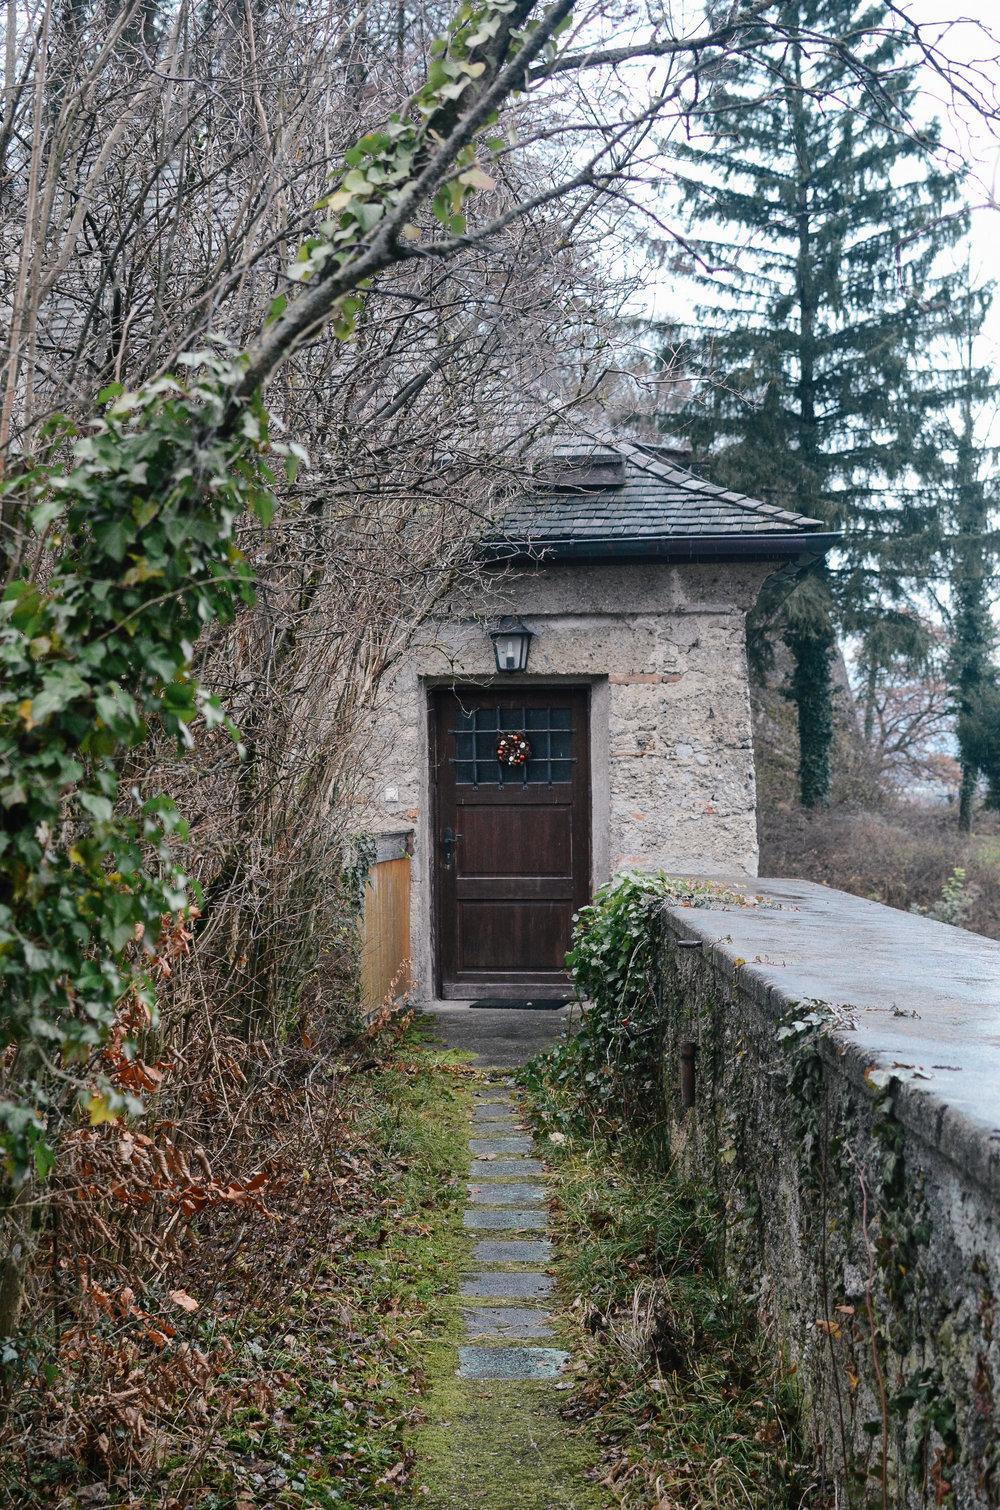 austria-halstatt-salzburg-travel-guide-lifeonpine_DSC_1774.jpg